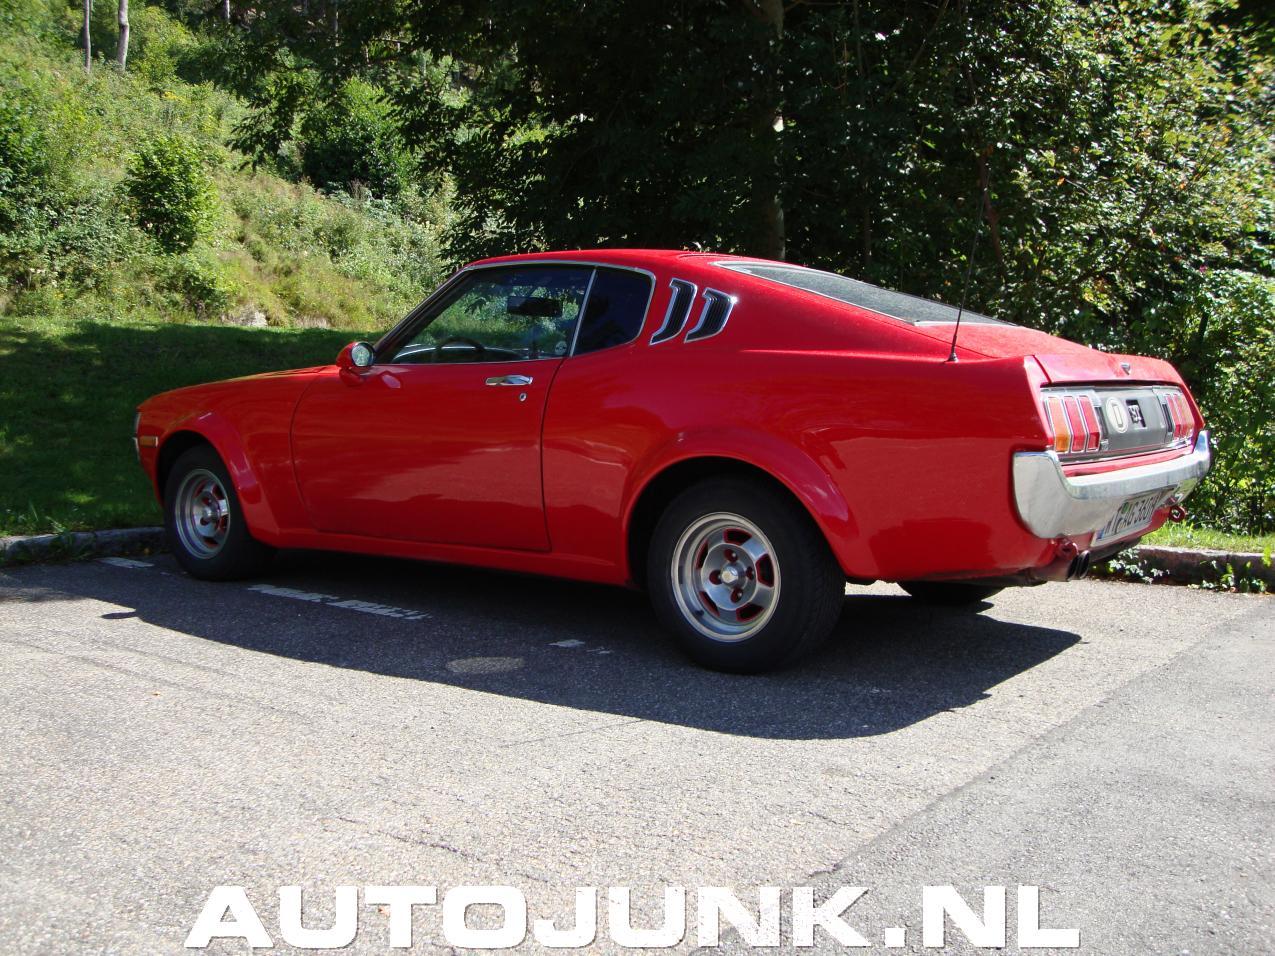 Toyota Celica 1977 A Vendre Ide Dimage De Voiture 1973 Liftback 2000 Gt St Images Reverse Search